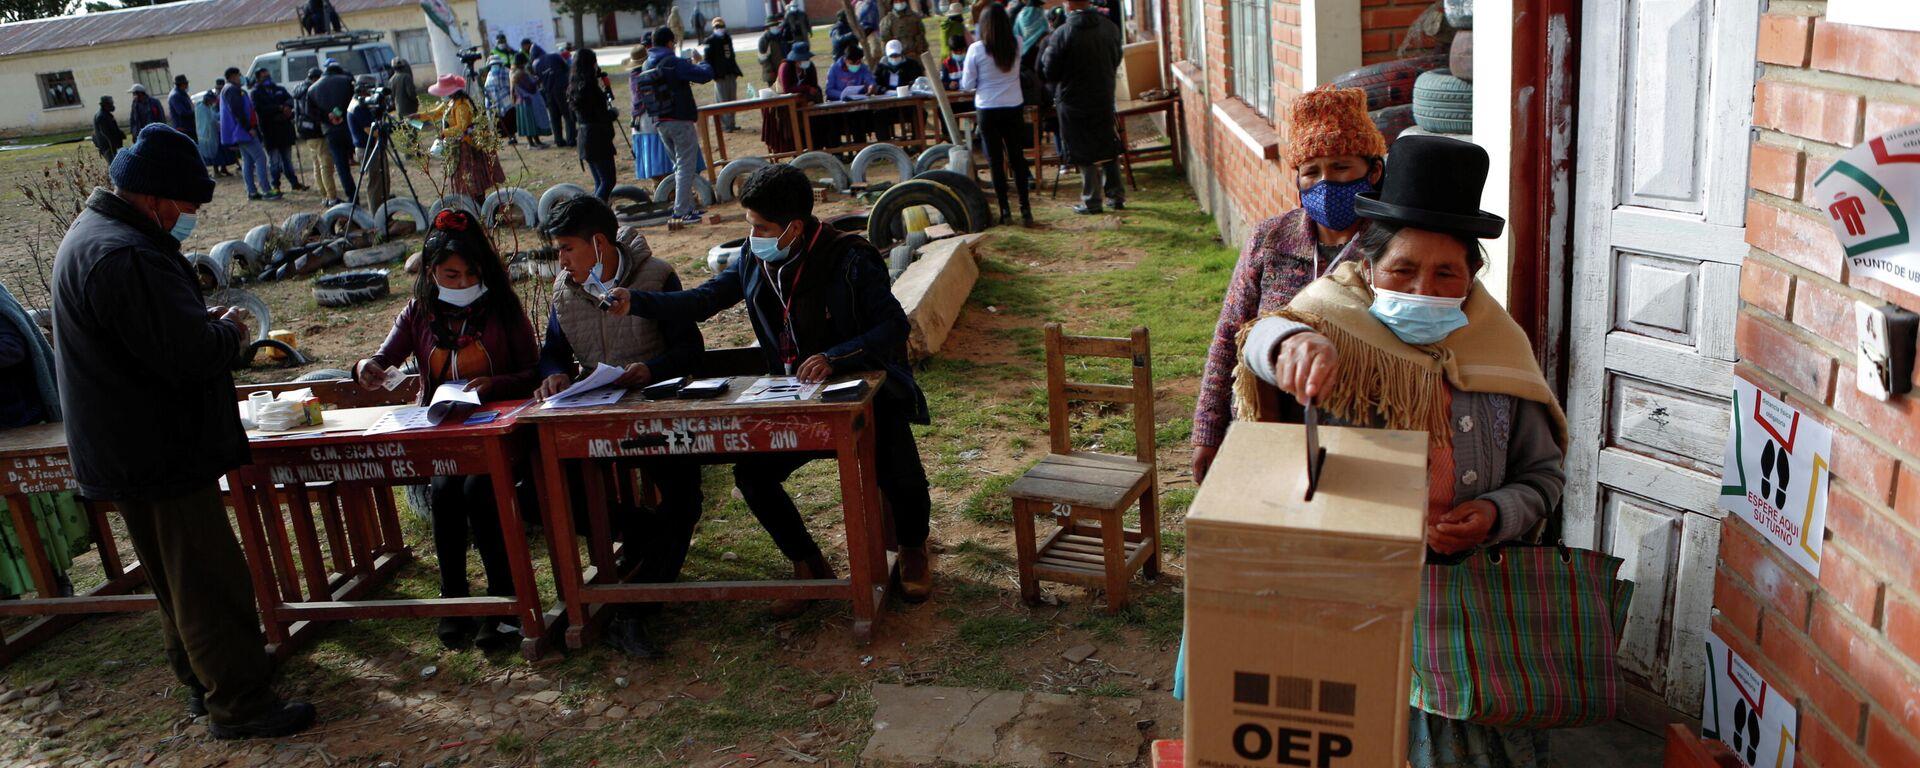 Elecciones regionales en Bolivia - Sputnik Mundo, 1920, 03.05.2021